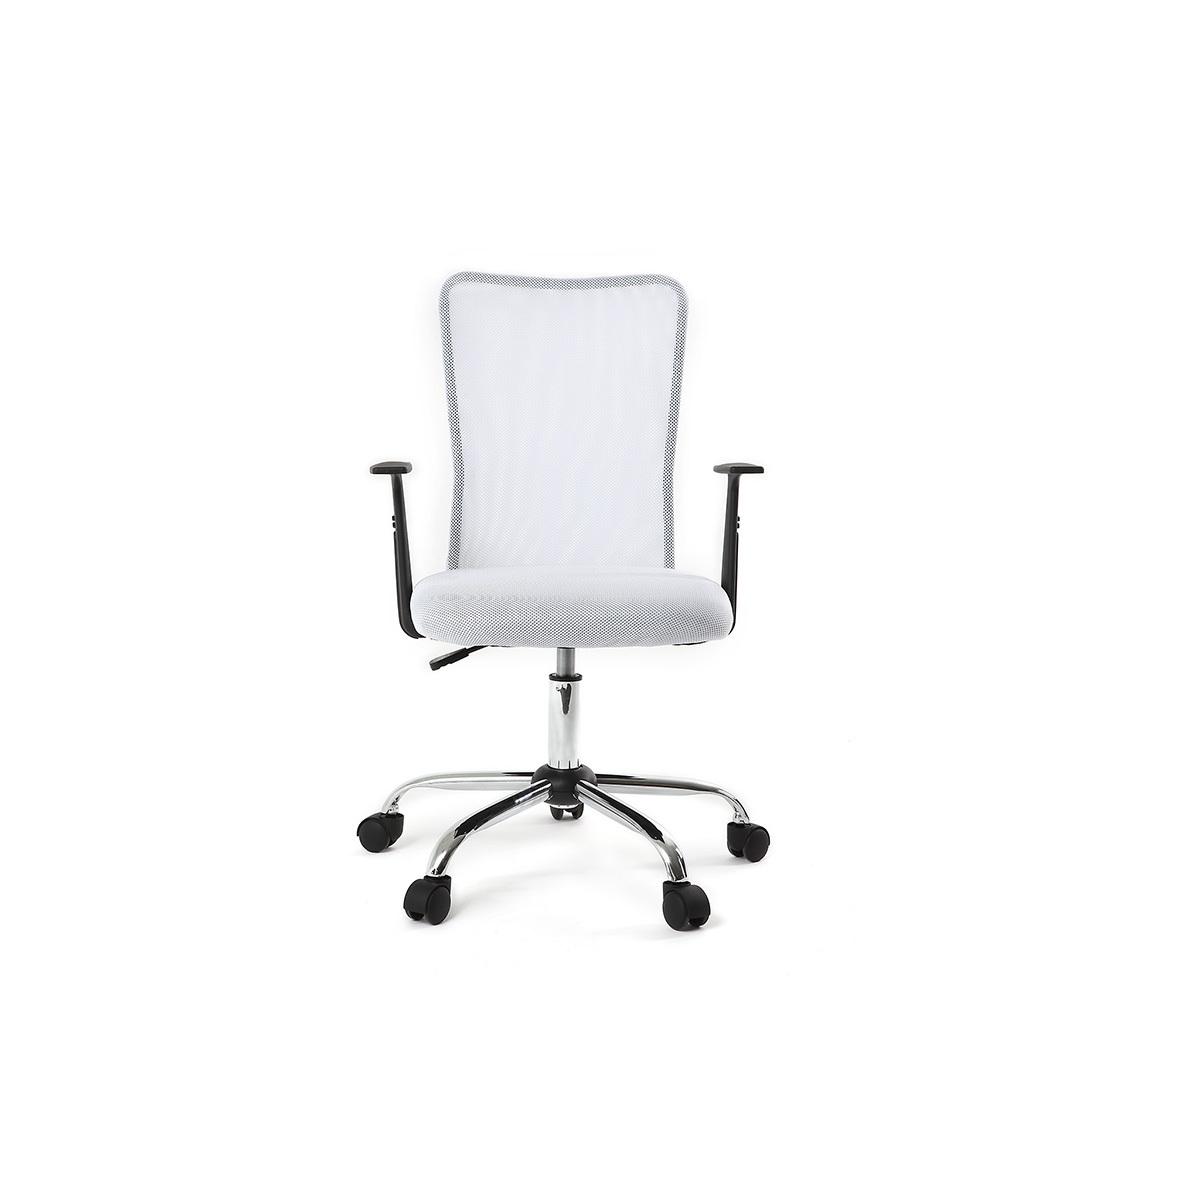 Poltrona da ufficio design mesh bianco PLUZ